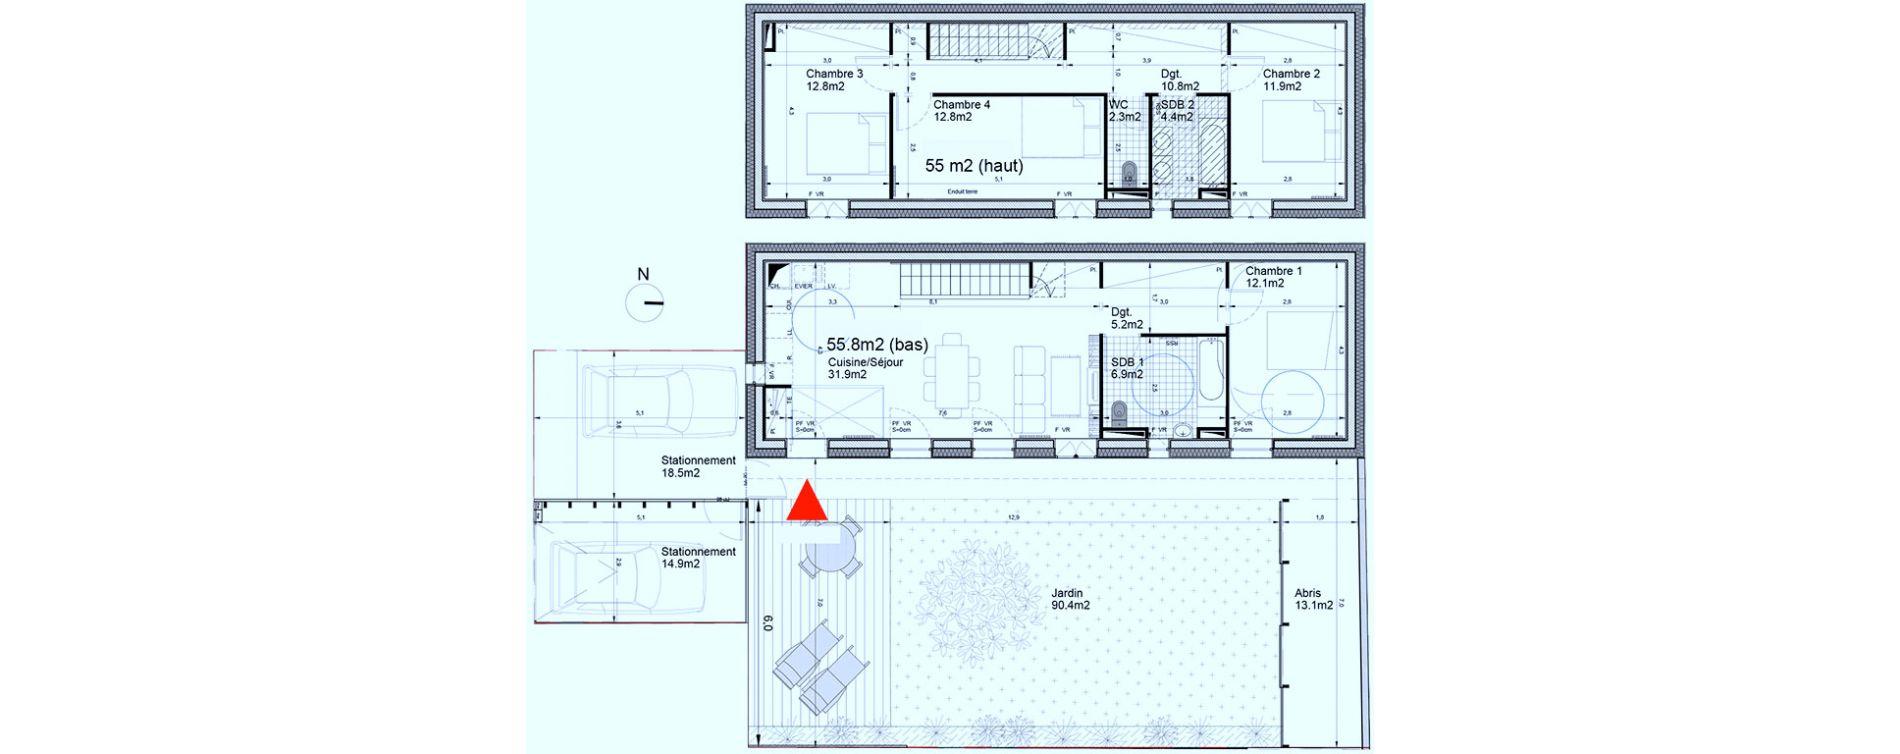 Maison T5 De 110.80M2 1Er Étage S Terre De Bassin Biganos ... intérieur Abri Jardin 2M2